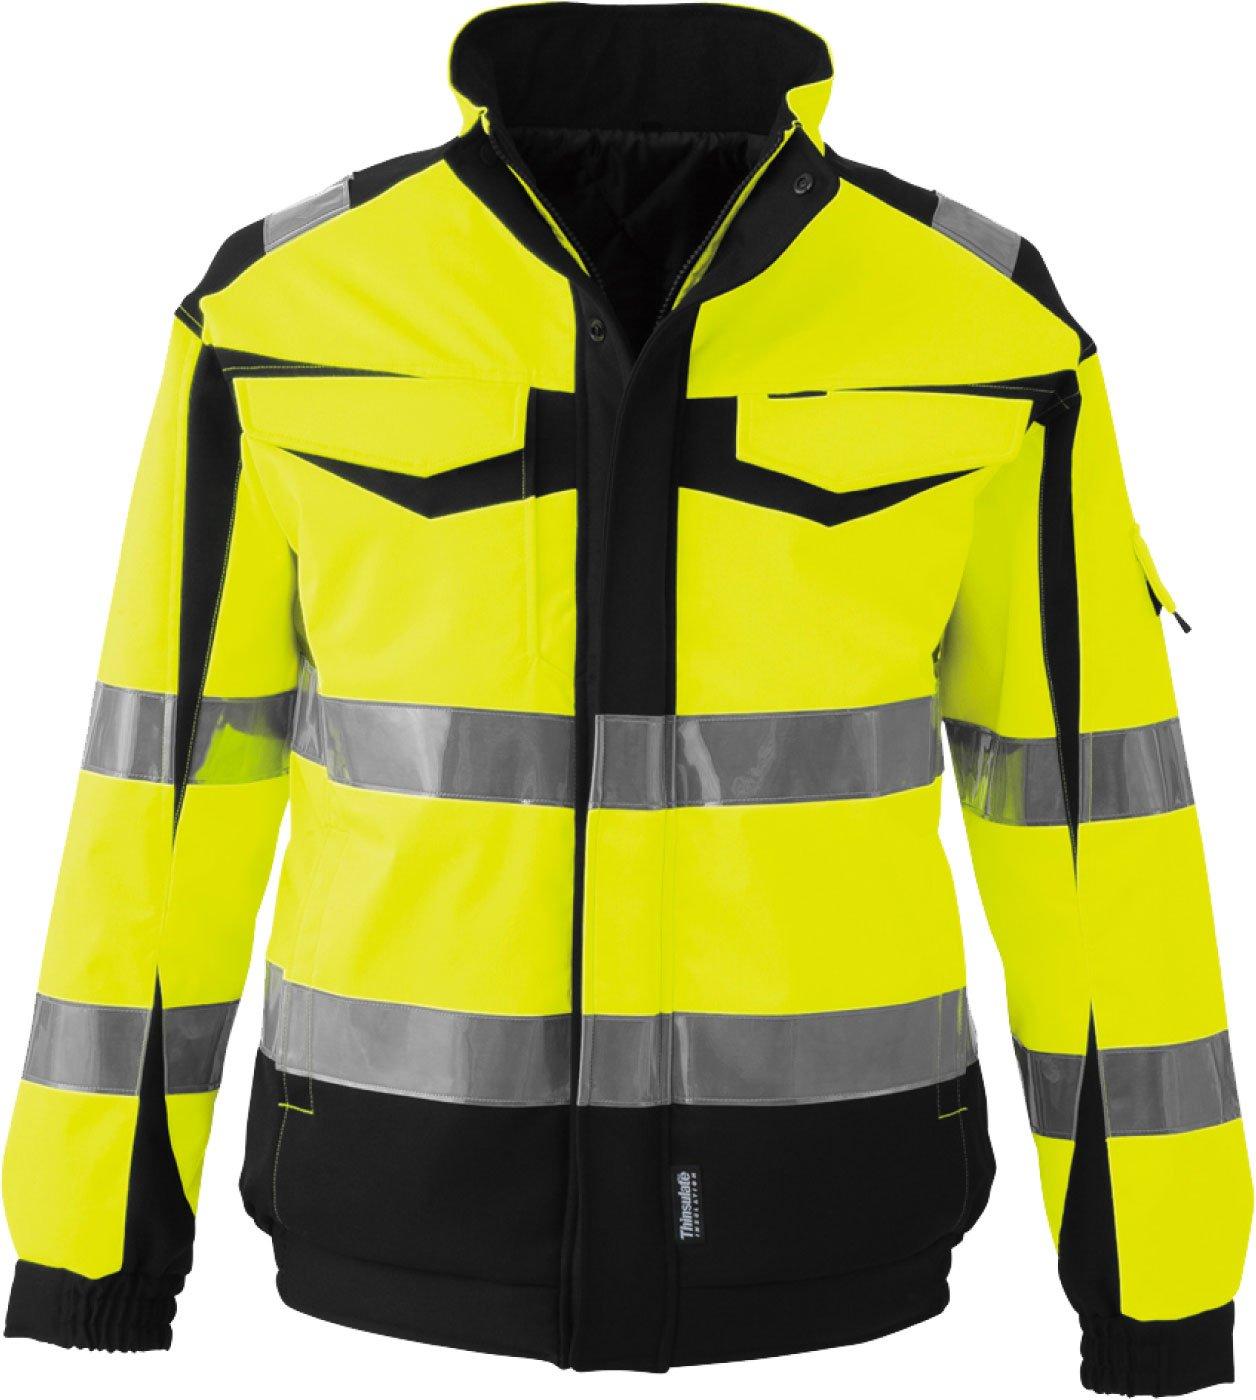 コーコス(CO-COS) 高視認性安全防水防寒ジャケット セーフティ 反射ブルゾン cc-cs2420 B01M8JR0SG M|イエロー イエロー M